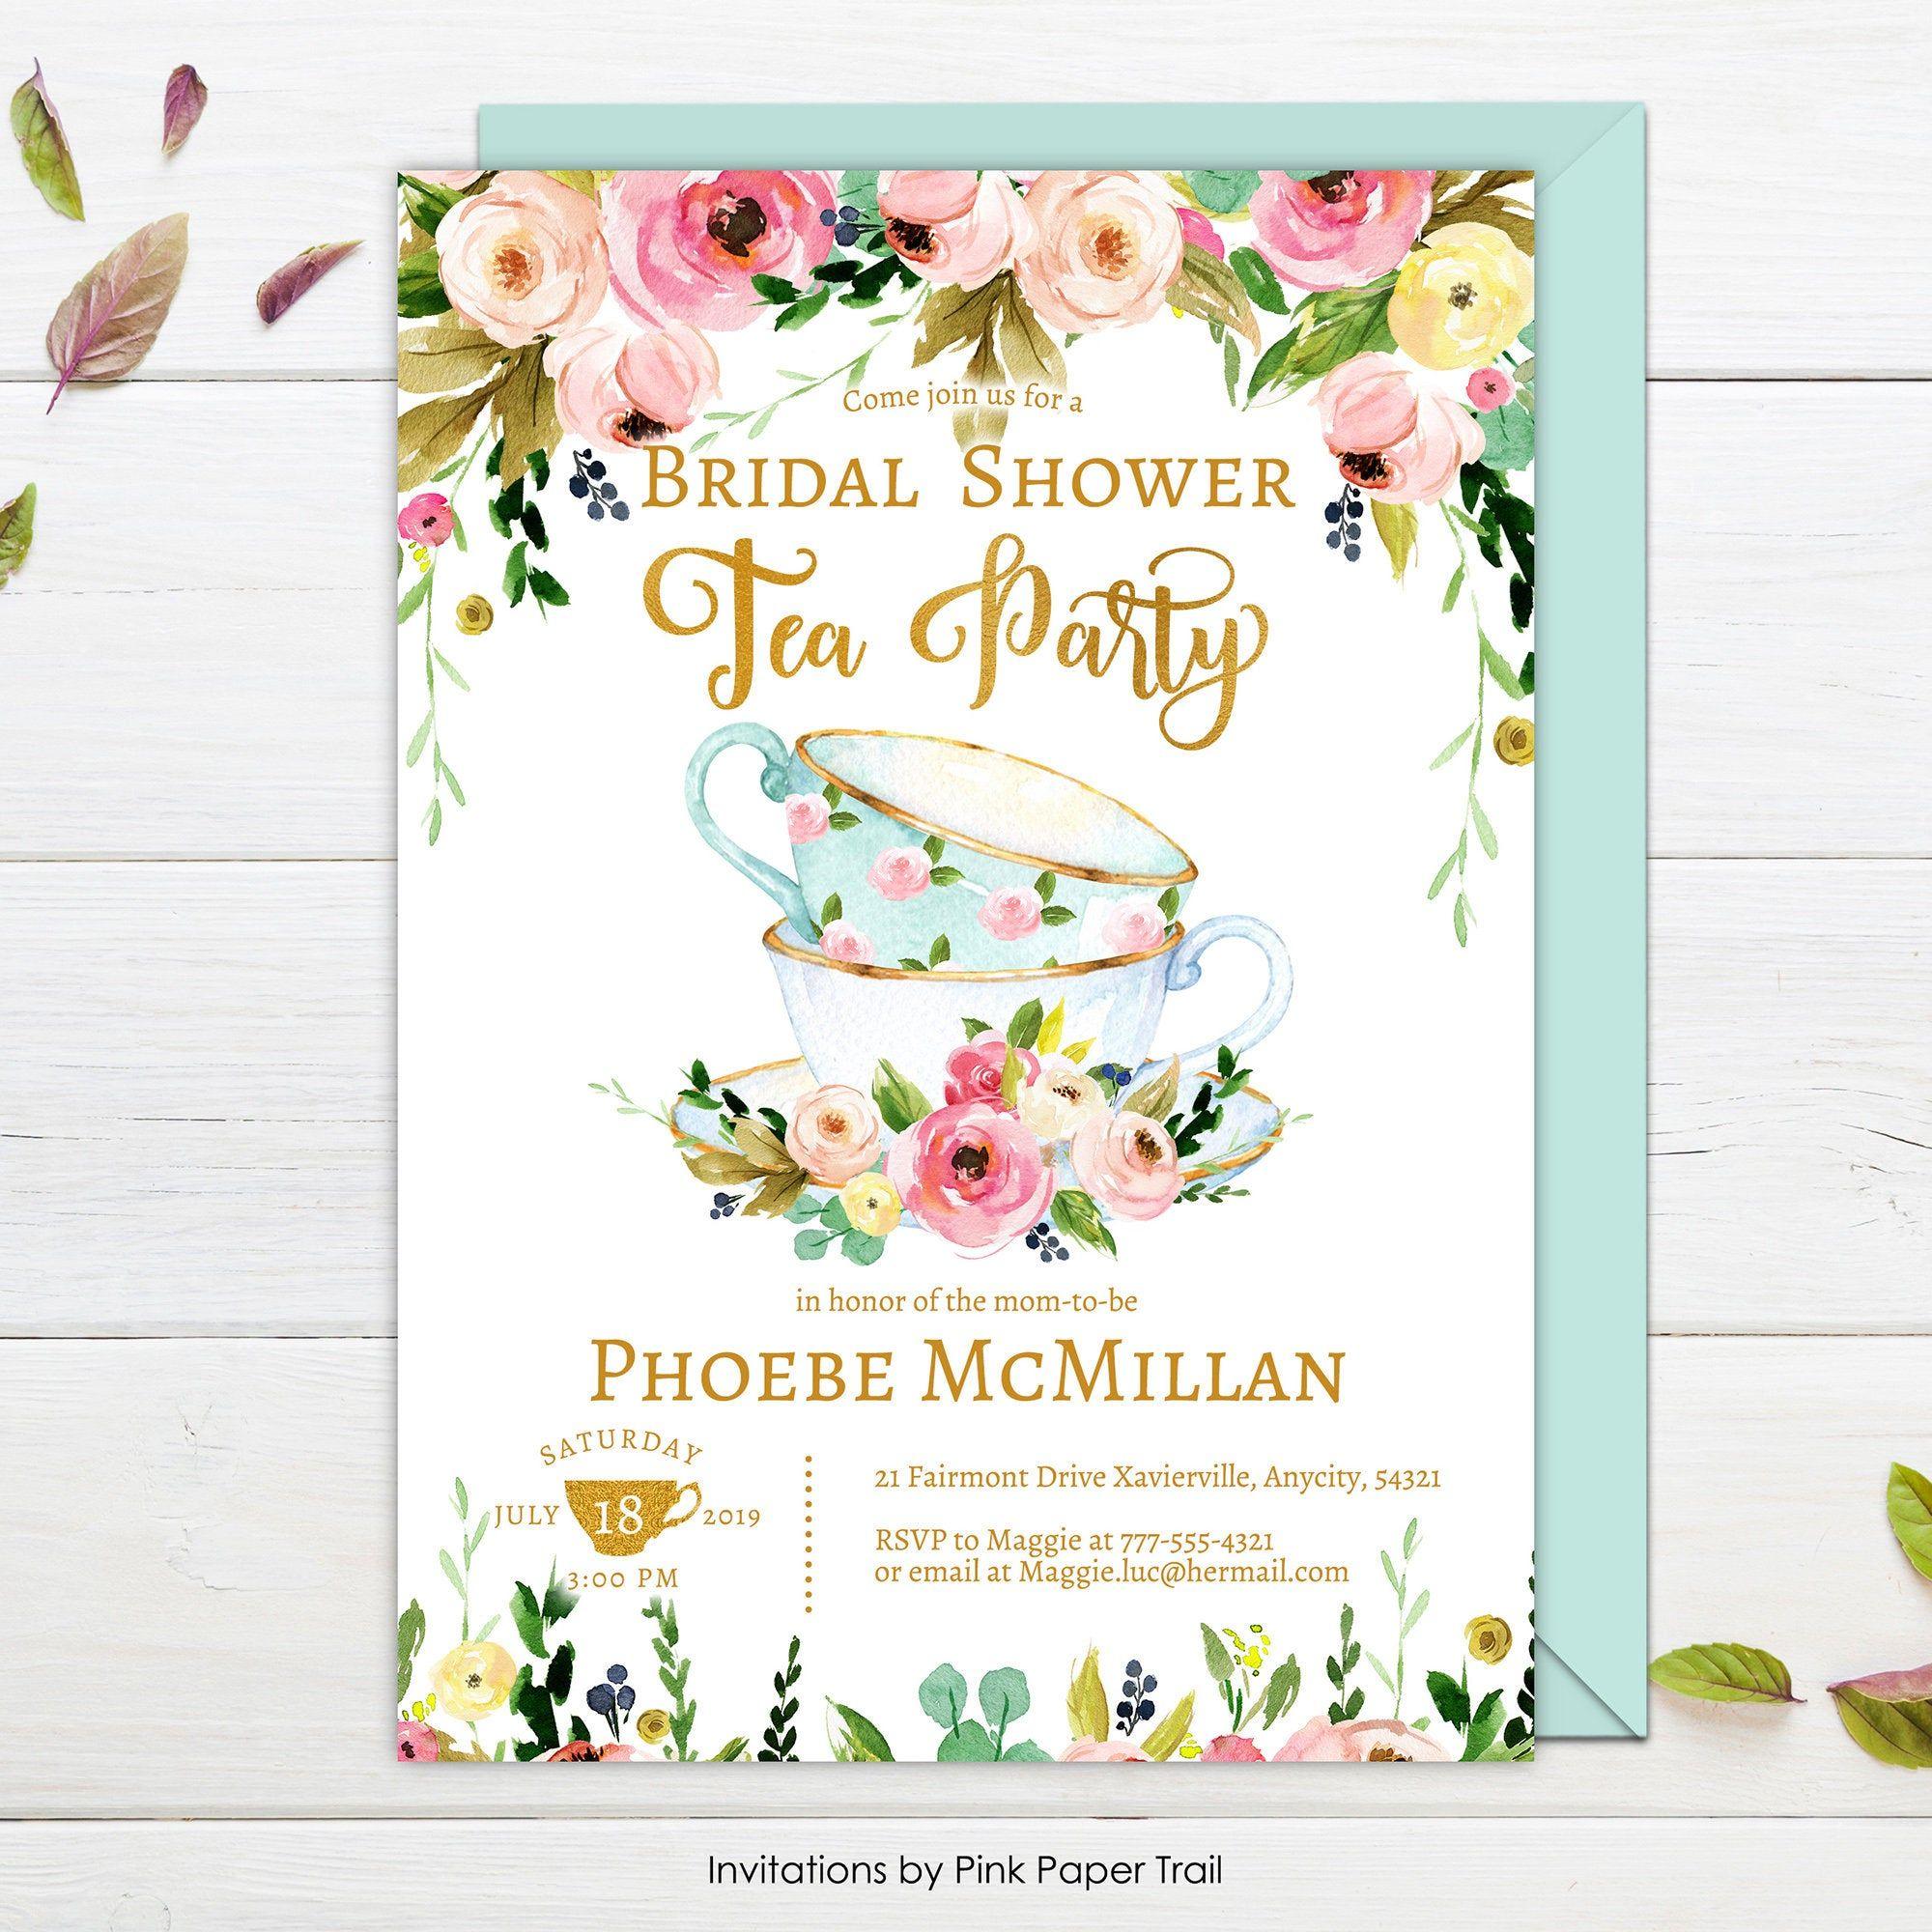 Tea Party Bridal Shower Invitation Floral Garden Bridal Shower A Tea Party Baby Shower Invitations Tea Party Bridal Shower Invitations Tea Party Bridal Shower